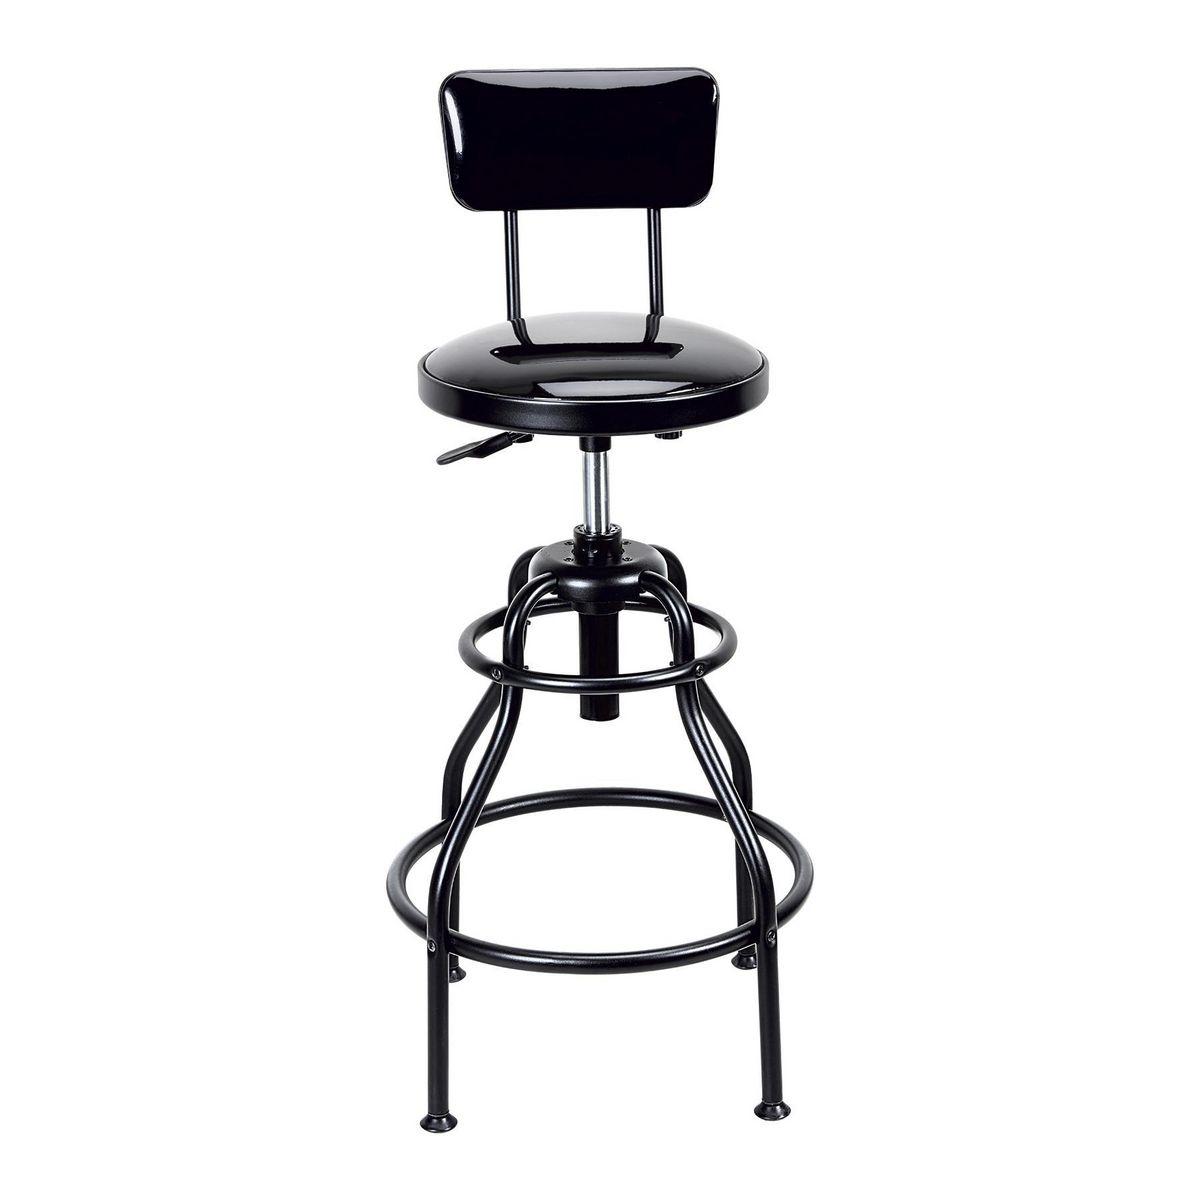 Adjustable Shop Stool With Backrest